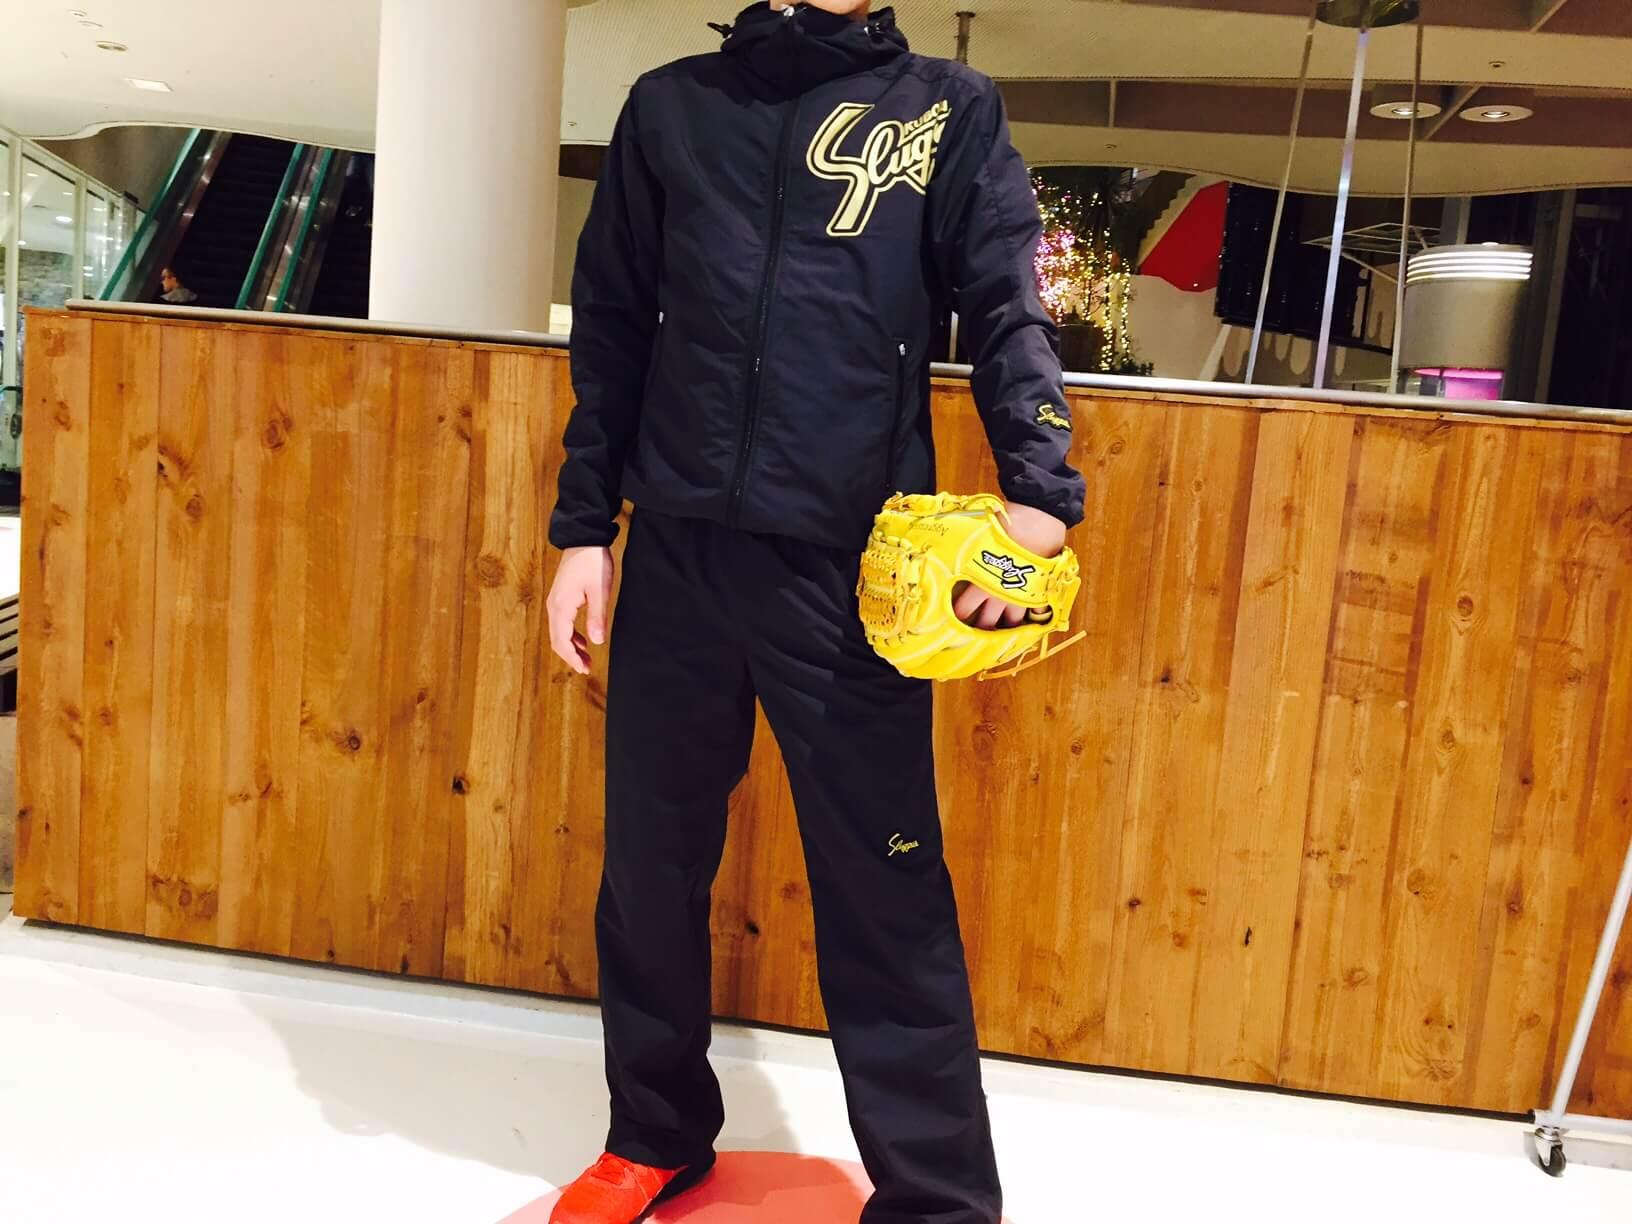 お待たせしました~やっと入荷しました!久保田スラッガー2016限定ウインドブレーカー!たくさんのお問い合わせいただきありがとうございます!